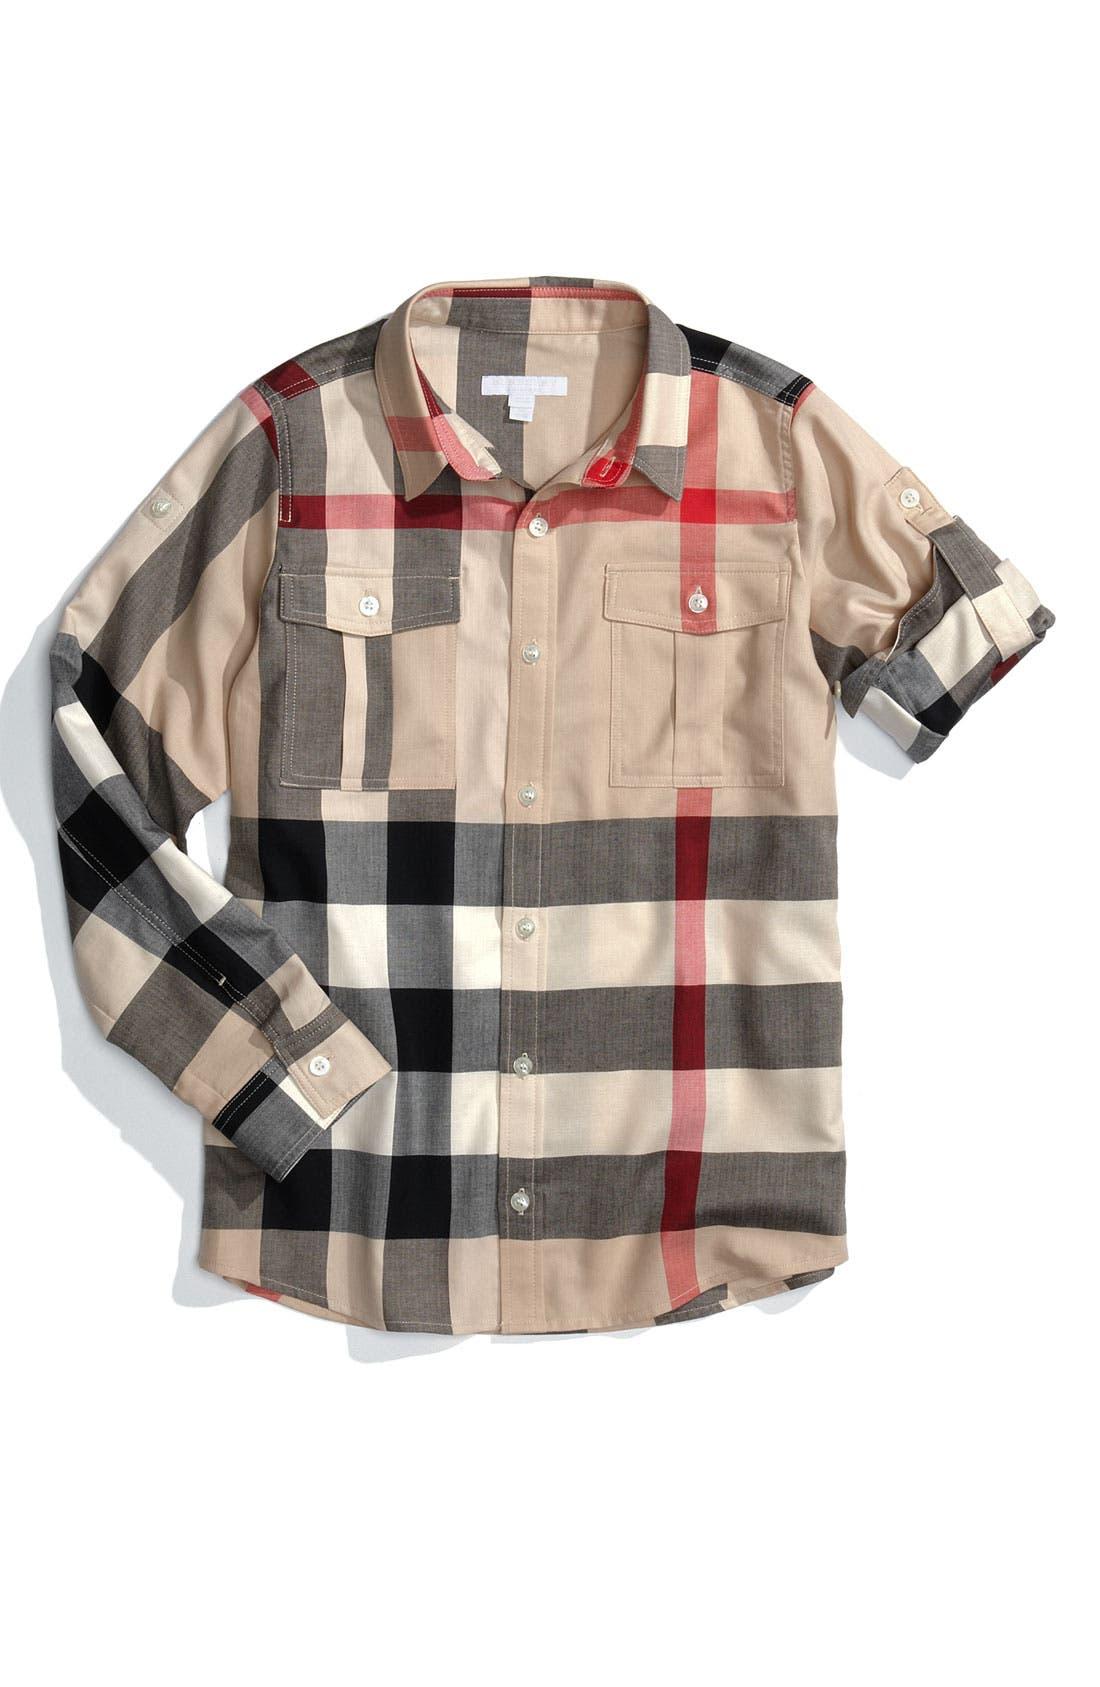 Main Image - Burberry Check Print Woven Shirt (Big Boys)